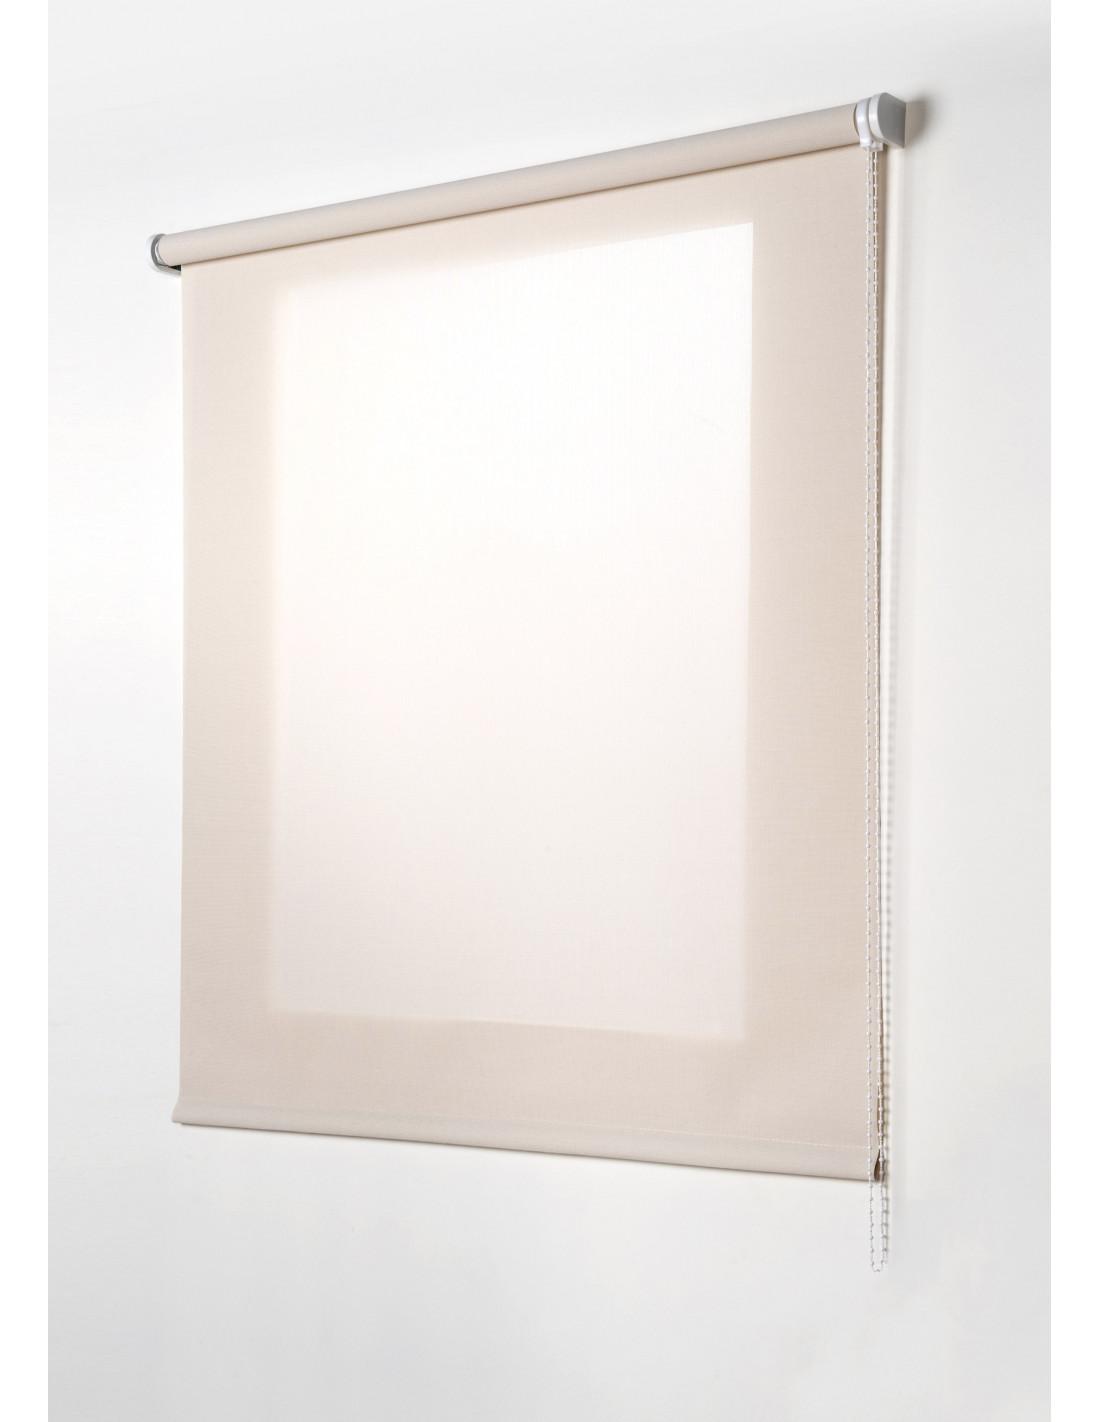 stor planet store enrouleur transparent beige hyper brico. Black Bedroom Furniture Sets. Home Design Ideas